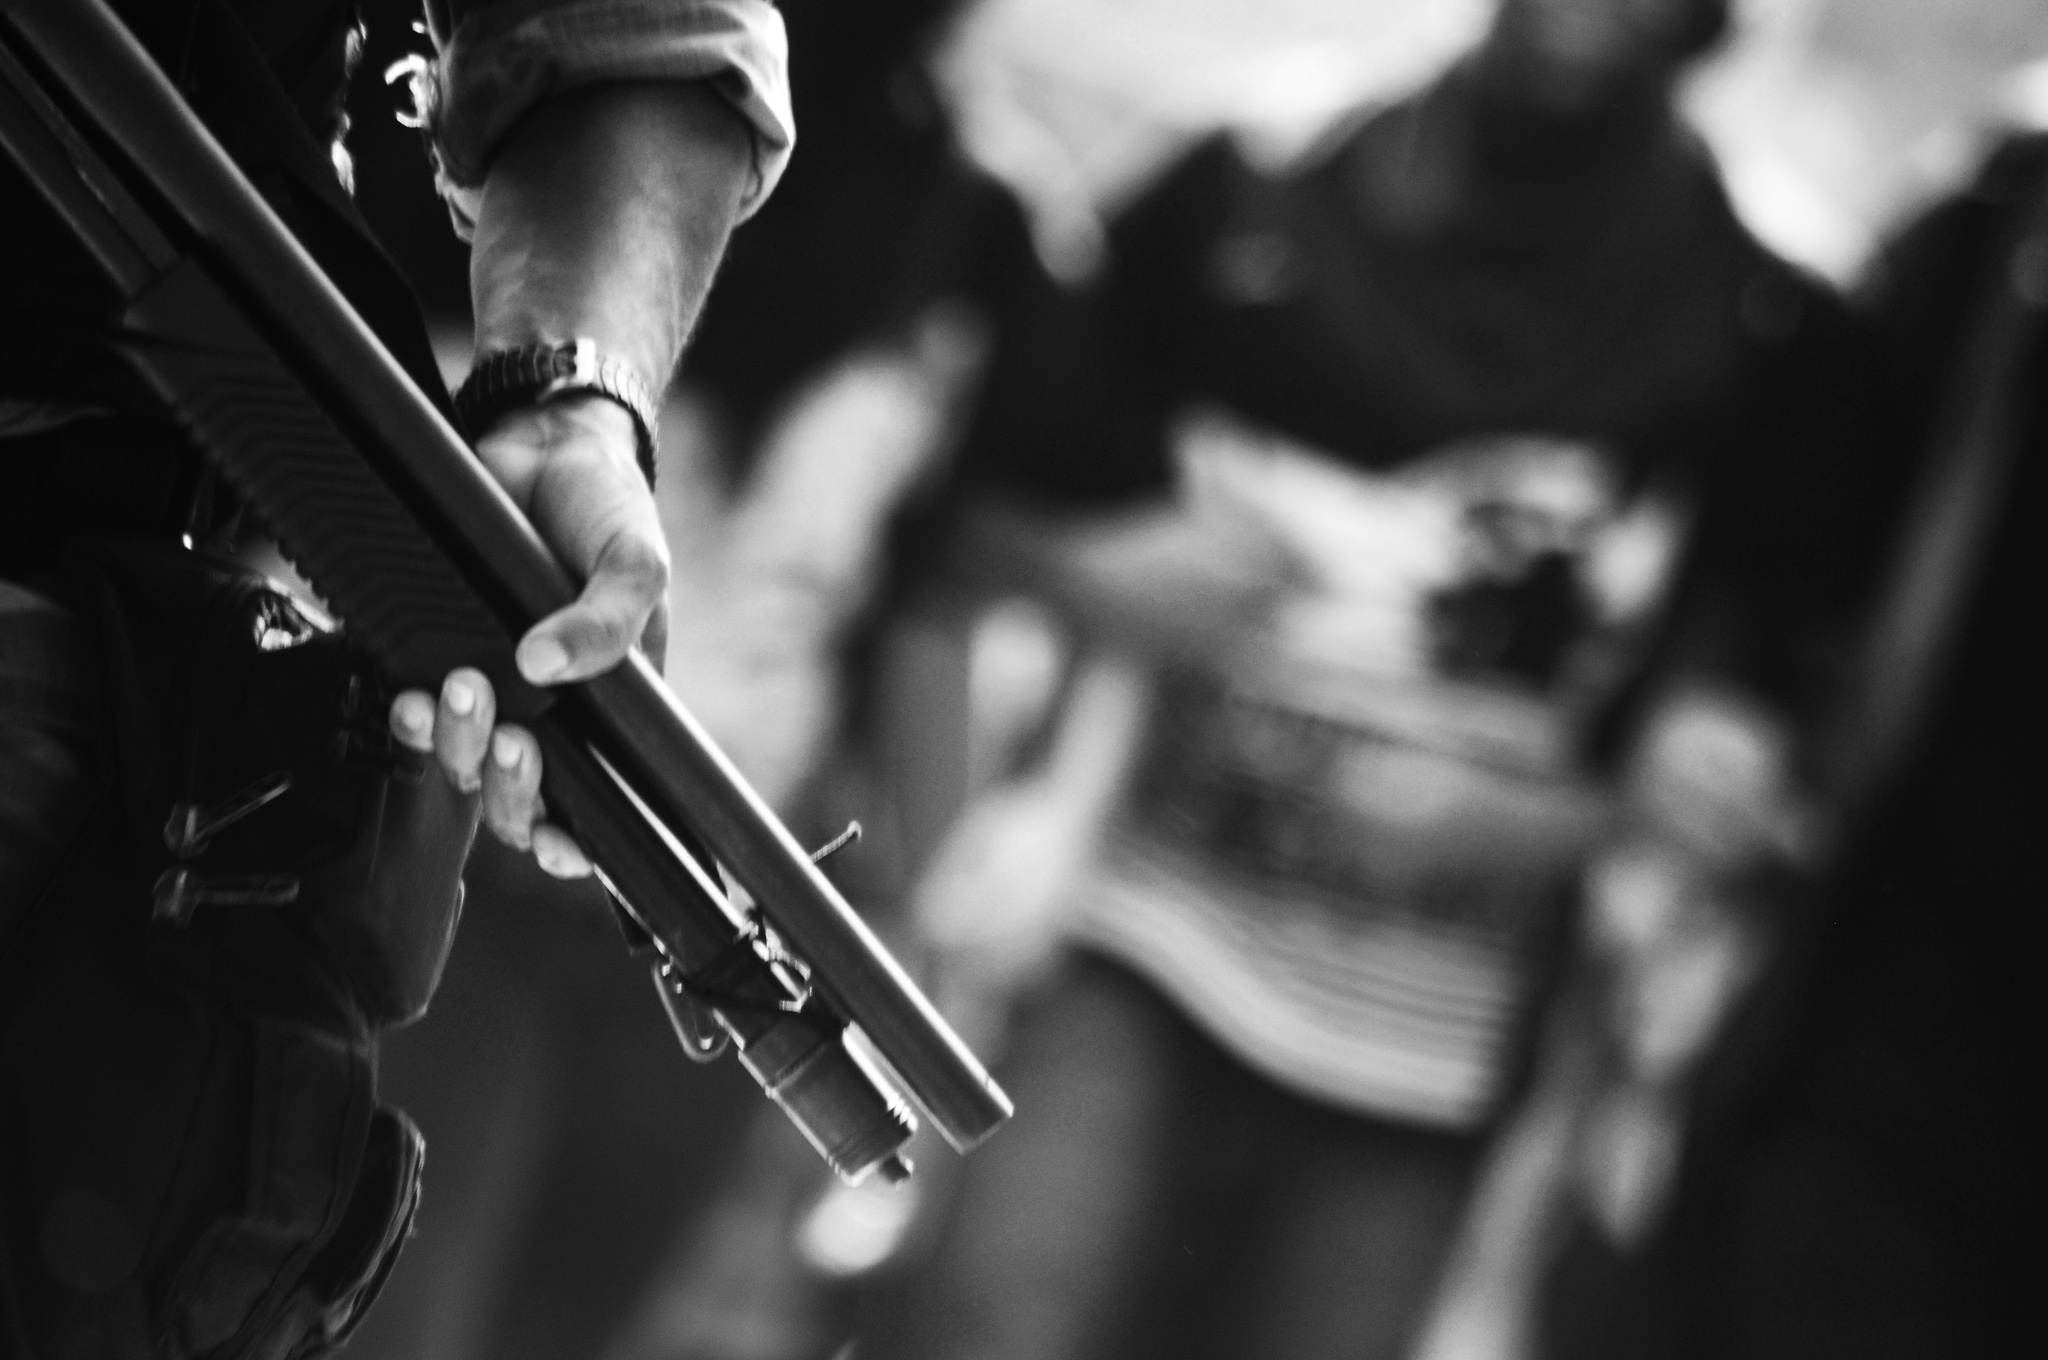 Operação policial em Belém, Pará (Foto: MídiaNinja)